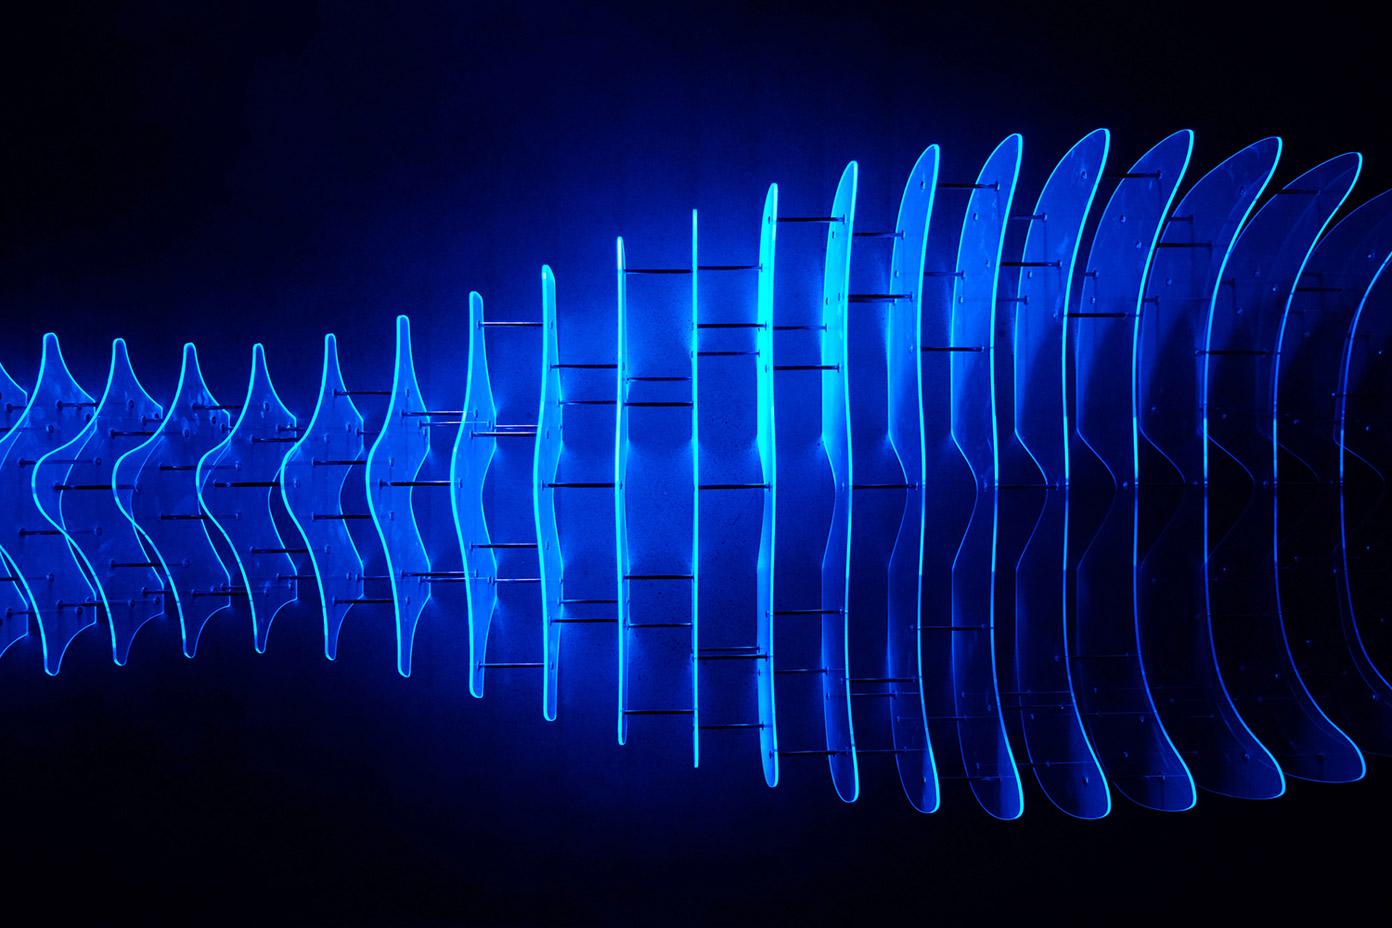 Blue Large Amplitude Pulsator Star by Cascione & Lusciov